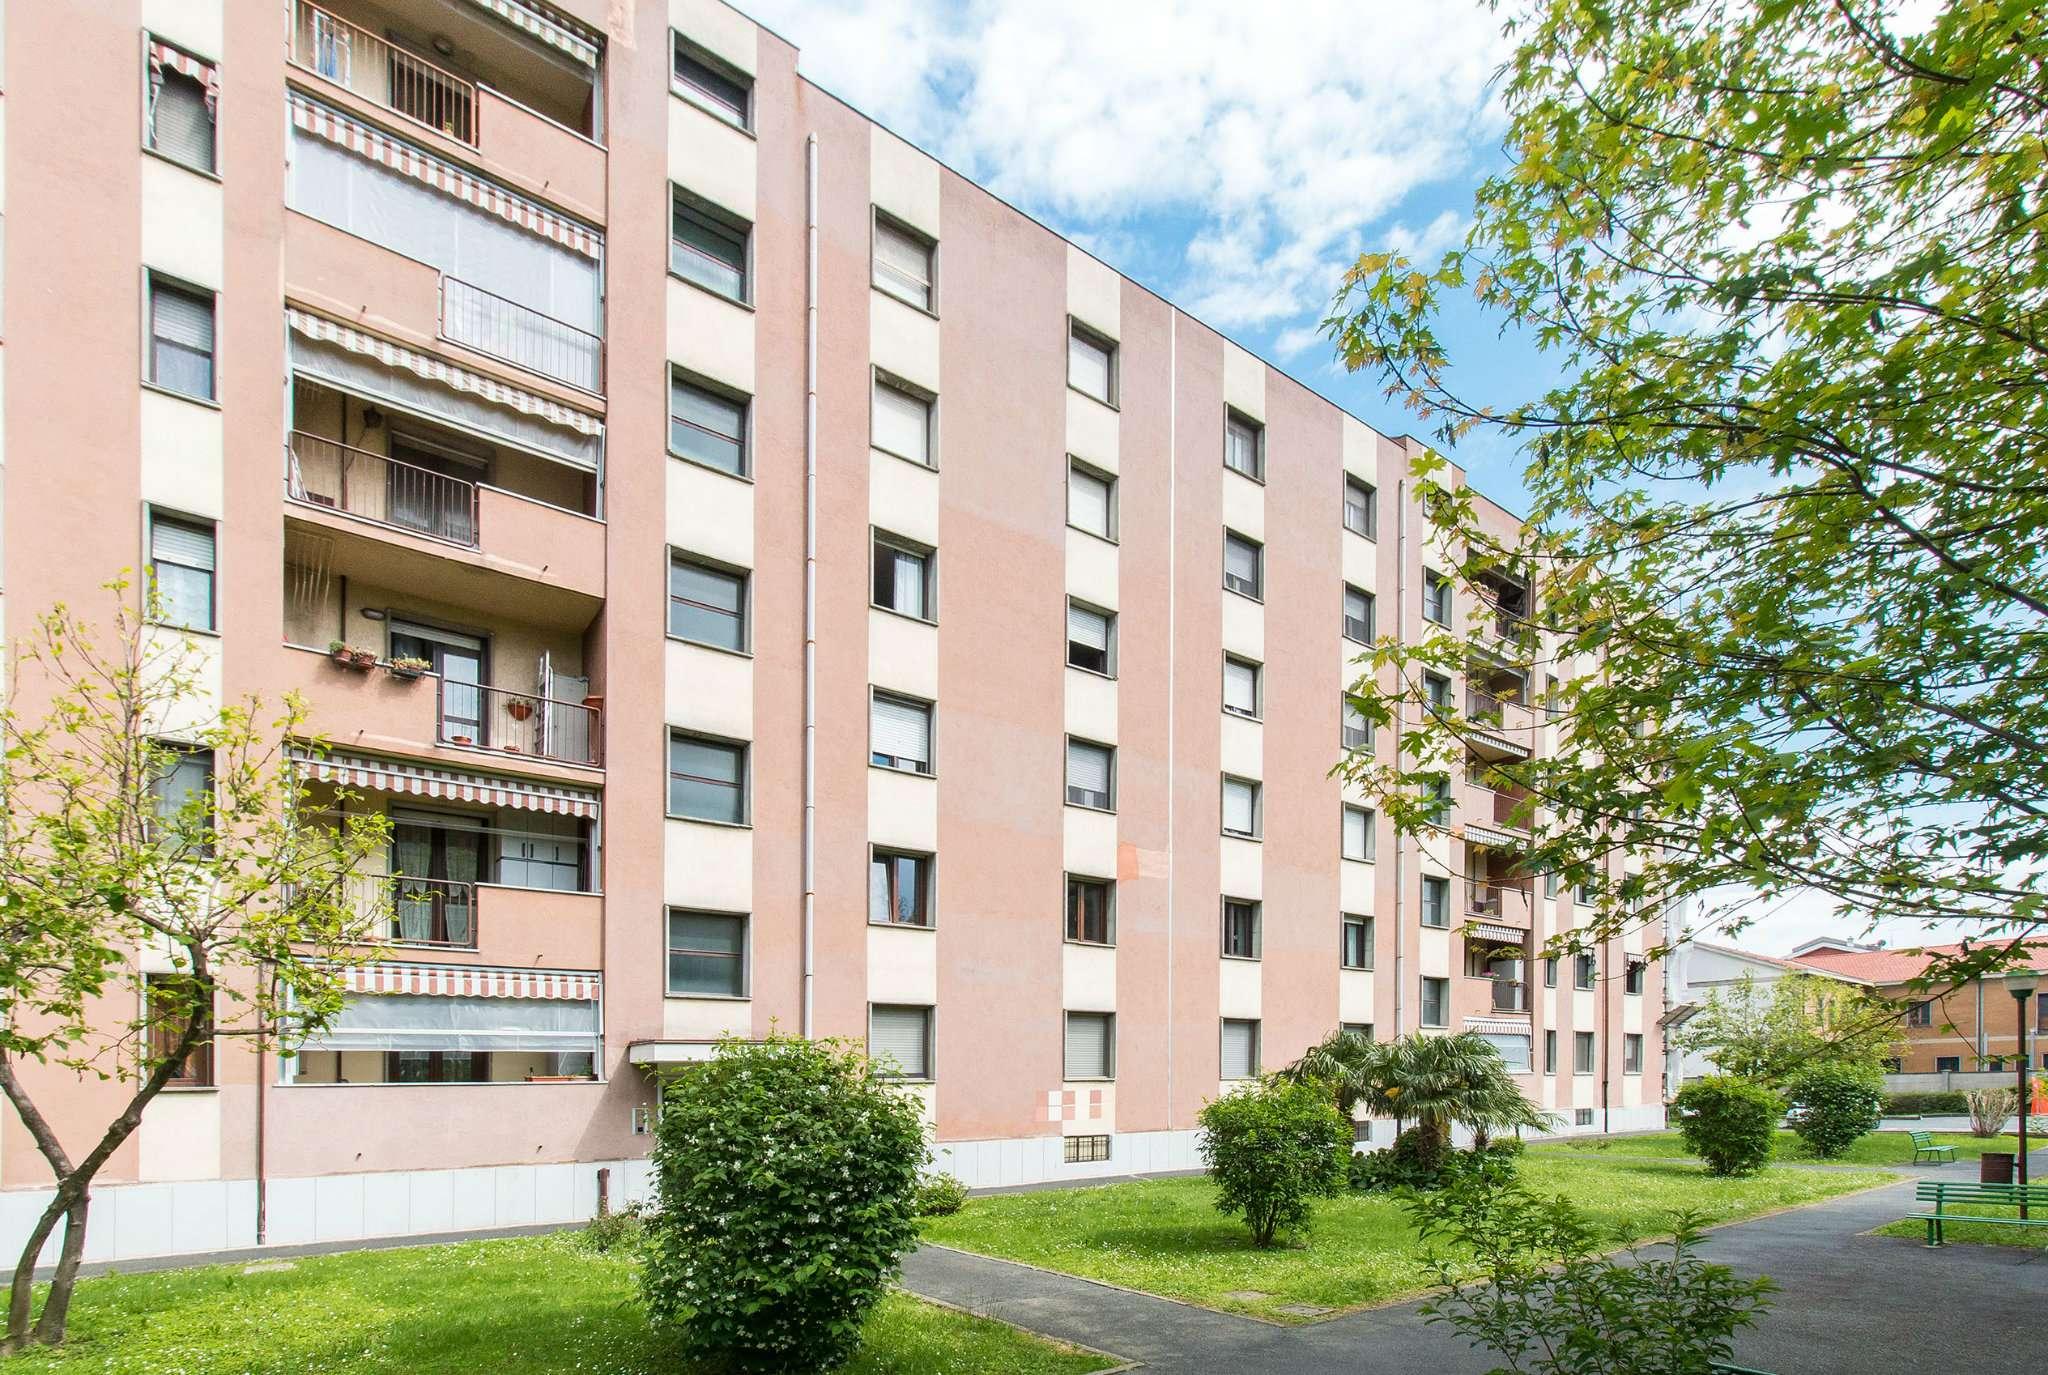 Appartamento in vendita a Alpignano, 4 locali, prezzo € 165.000   CambioCasa.it